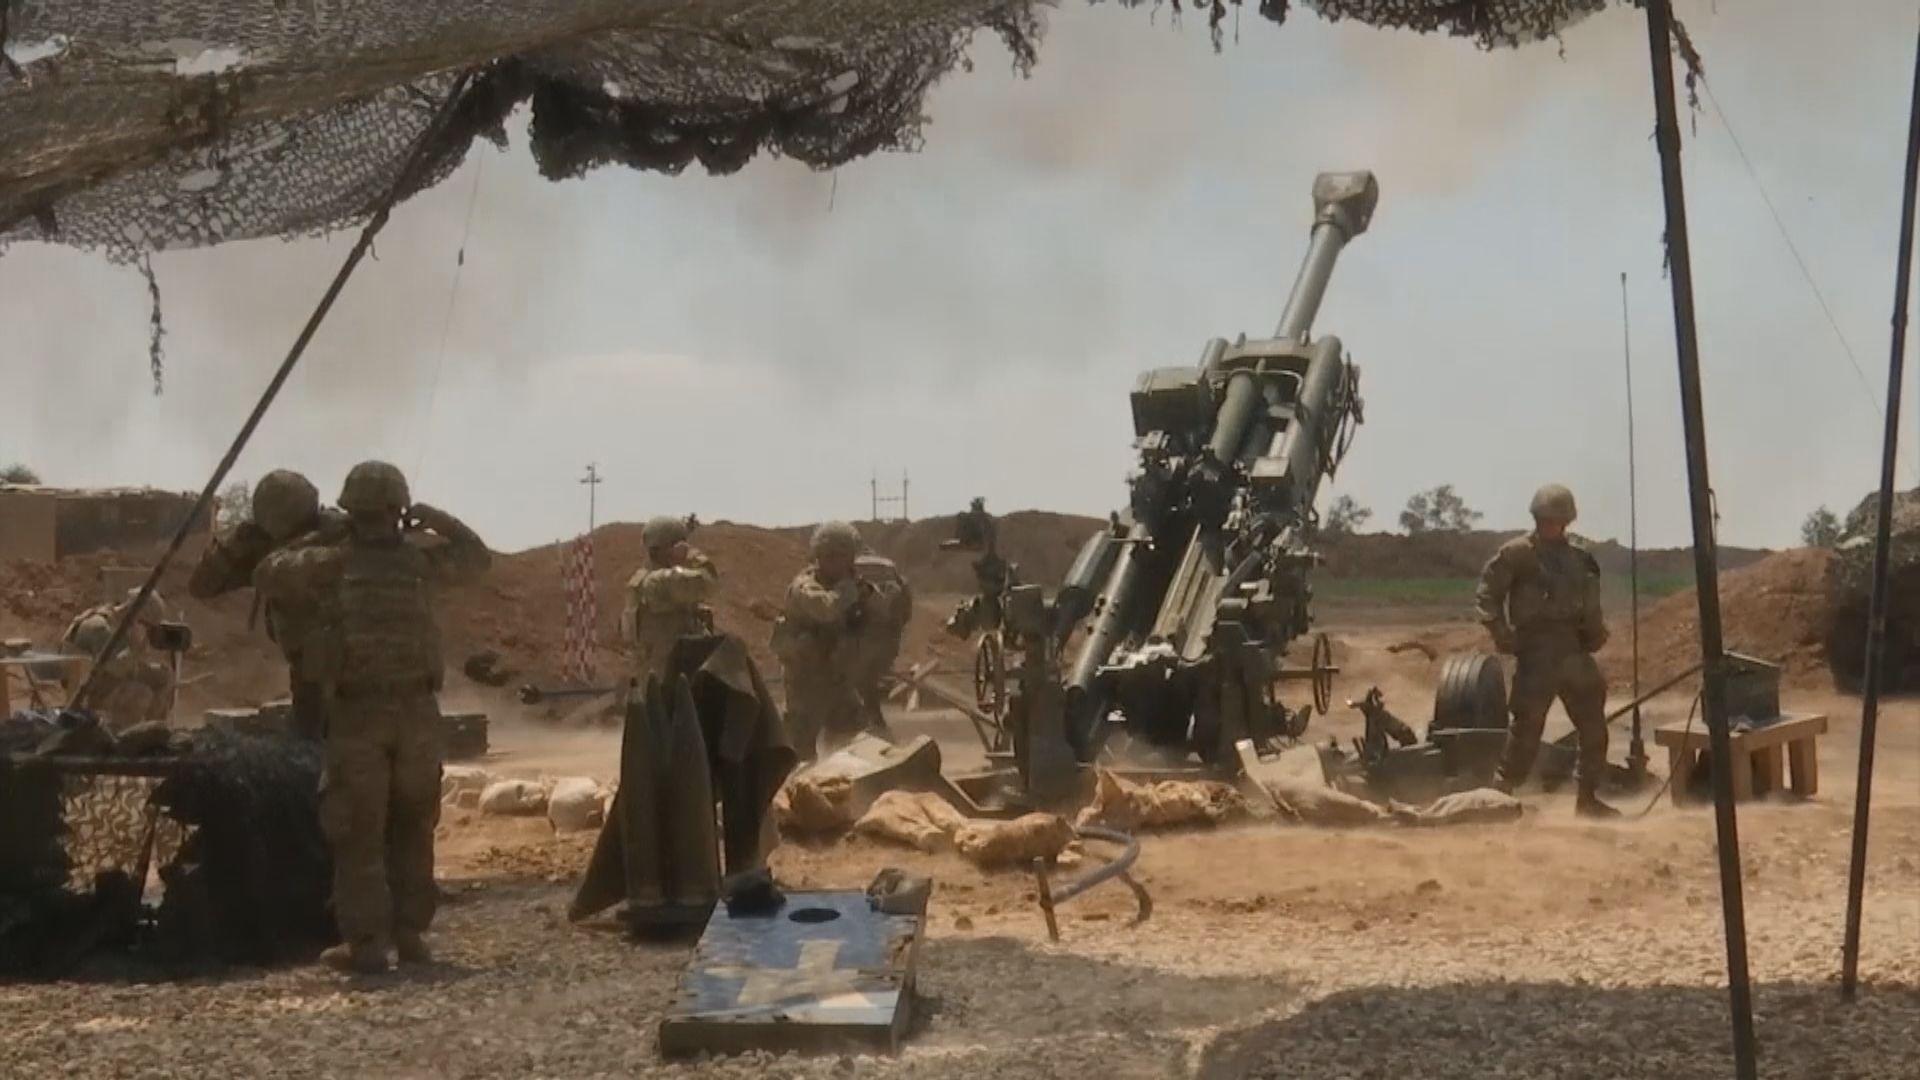 美軍空襲敘利亞伊拉克邊境親伊朗民兵 組織稱會報復